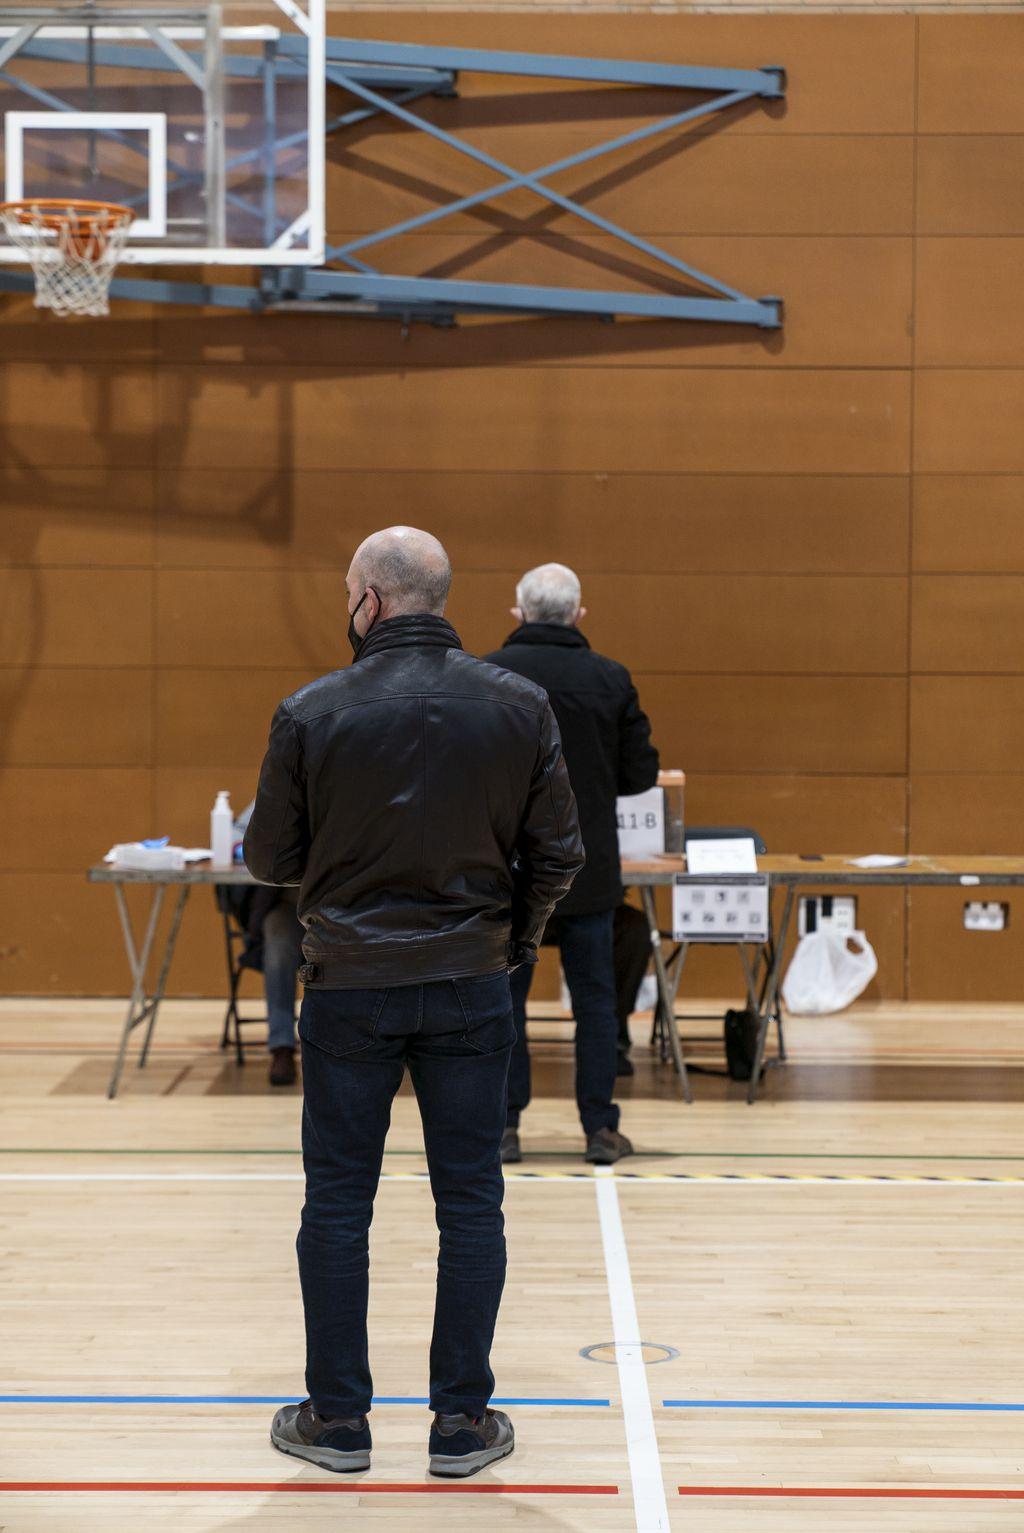 Cua de votants a l'interior del Poliesportiu Virrei Amat, on hi ha una persona que està votant i una altra que s'espera amb la distància de seguretat